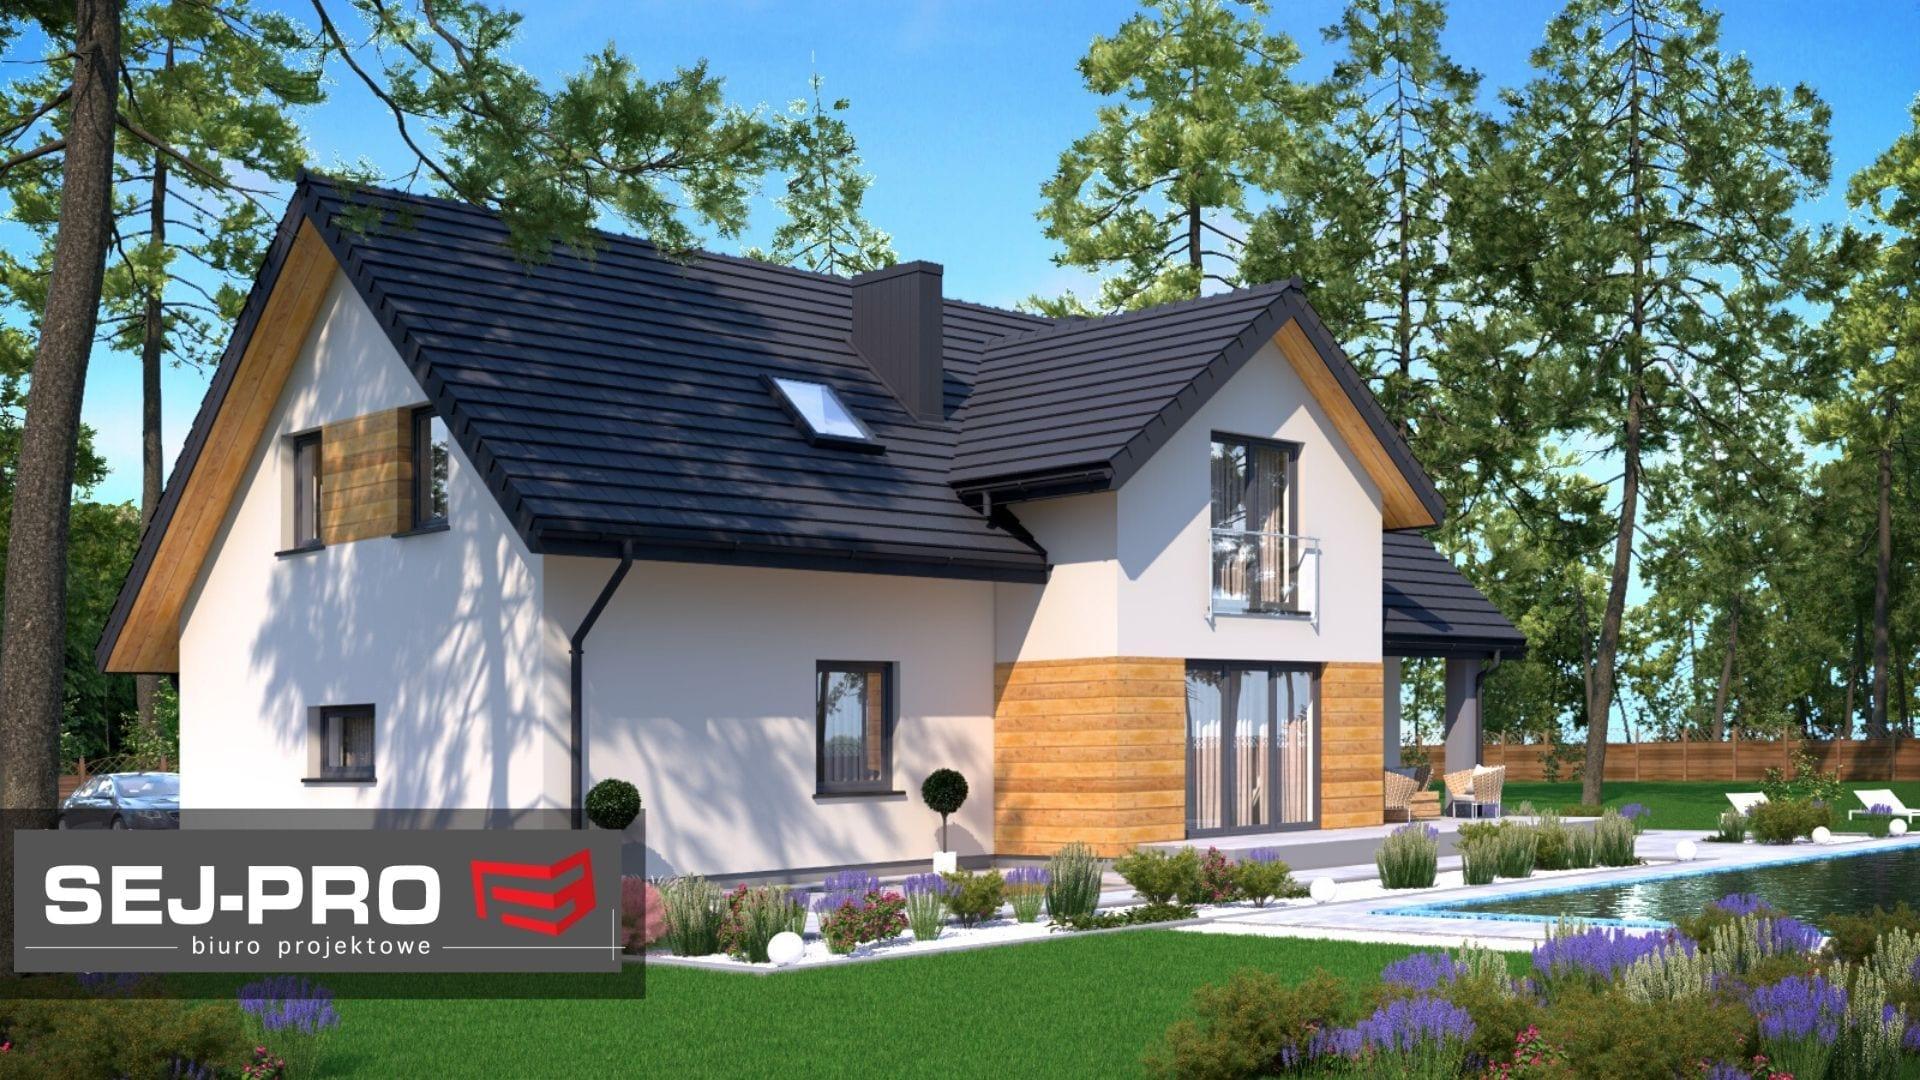 Projekt domu SEJ-PRO 025 ENERGO